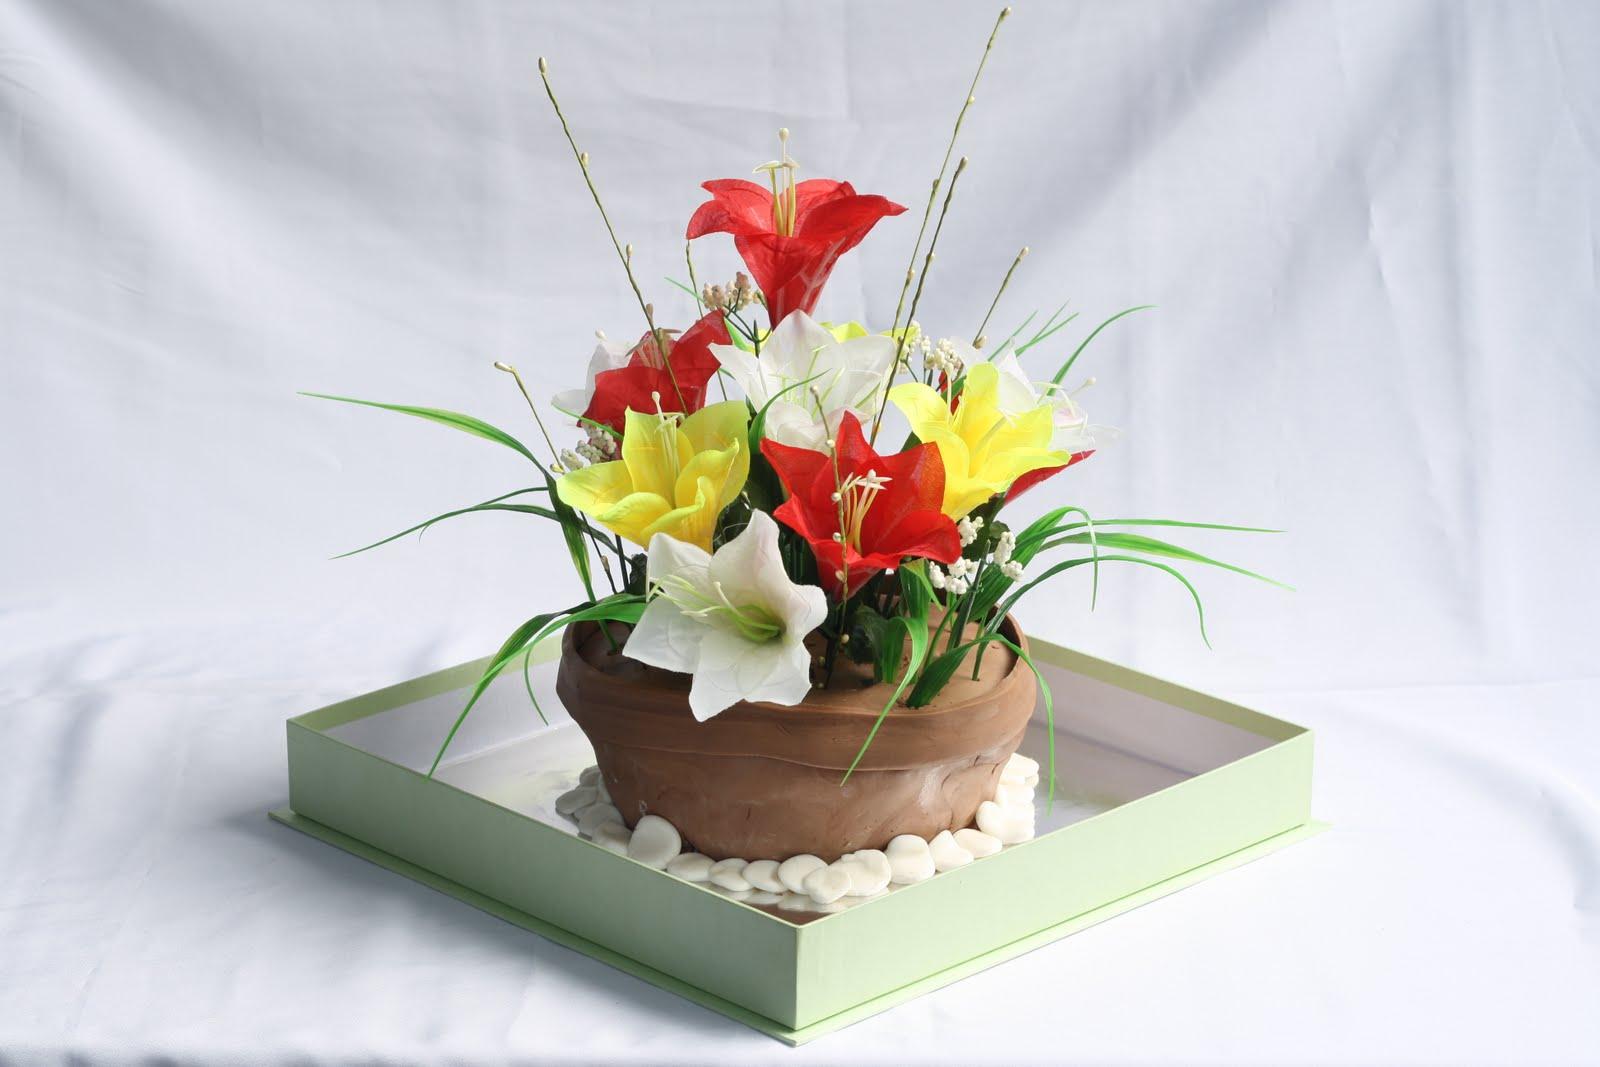 Karna bukan ahli merangkai bunga, jadi harap maklum ya, kalo ...